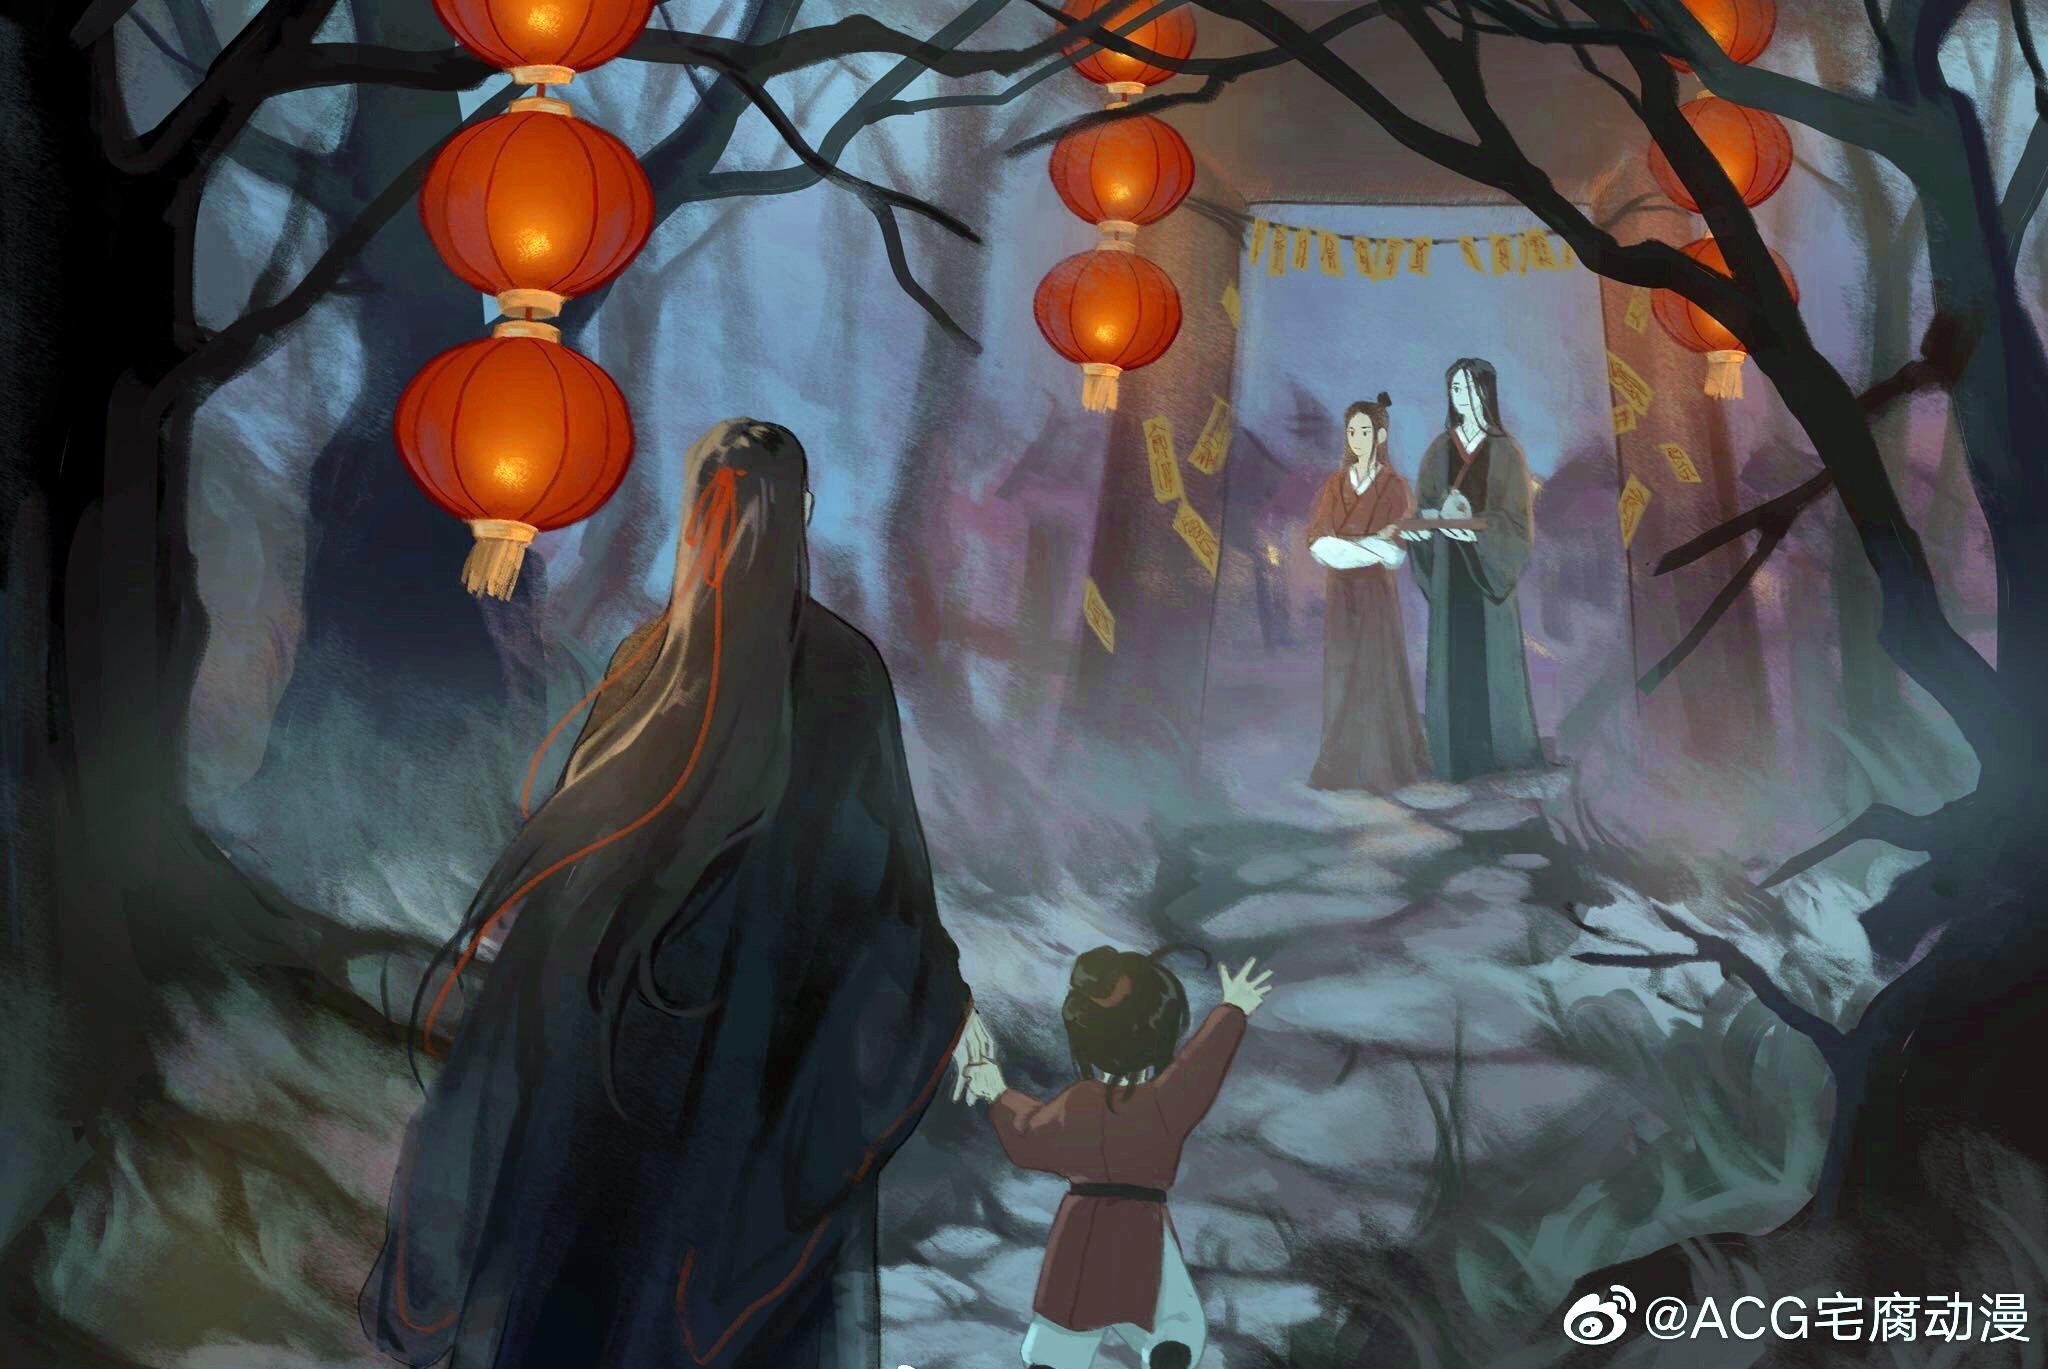 Wen Ning Wen Qing Wei Ying Wei Wuxian Lan Sizhui 2048x1369